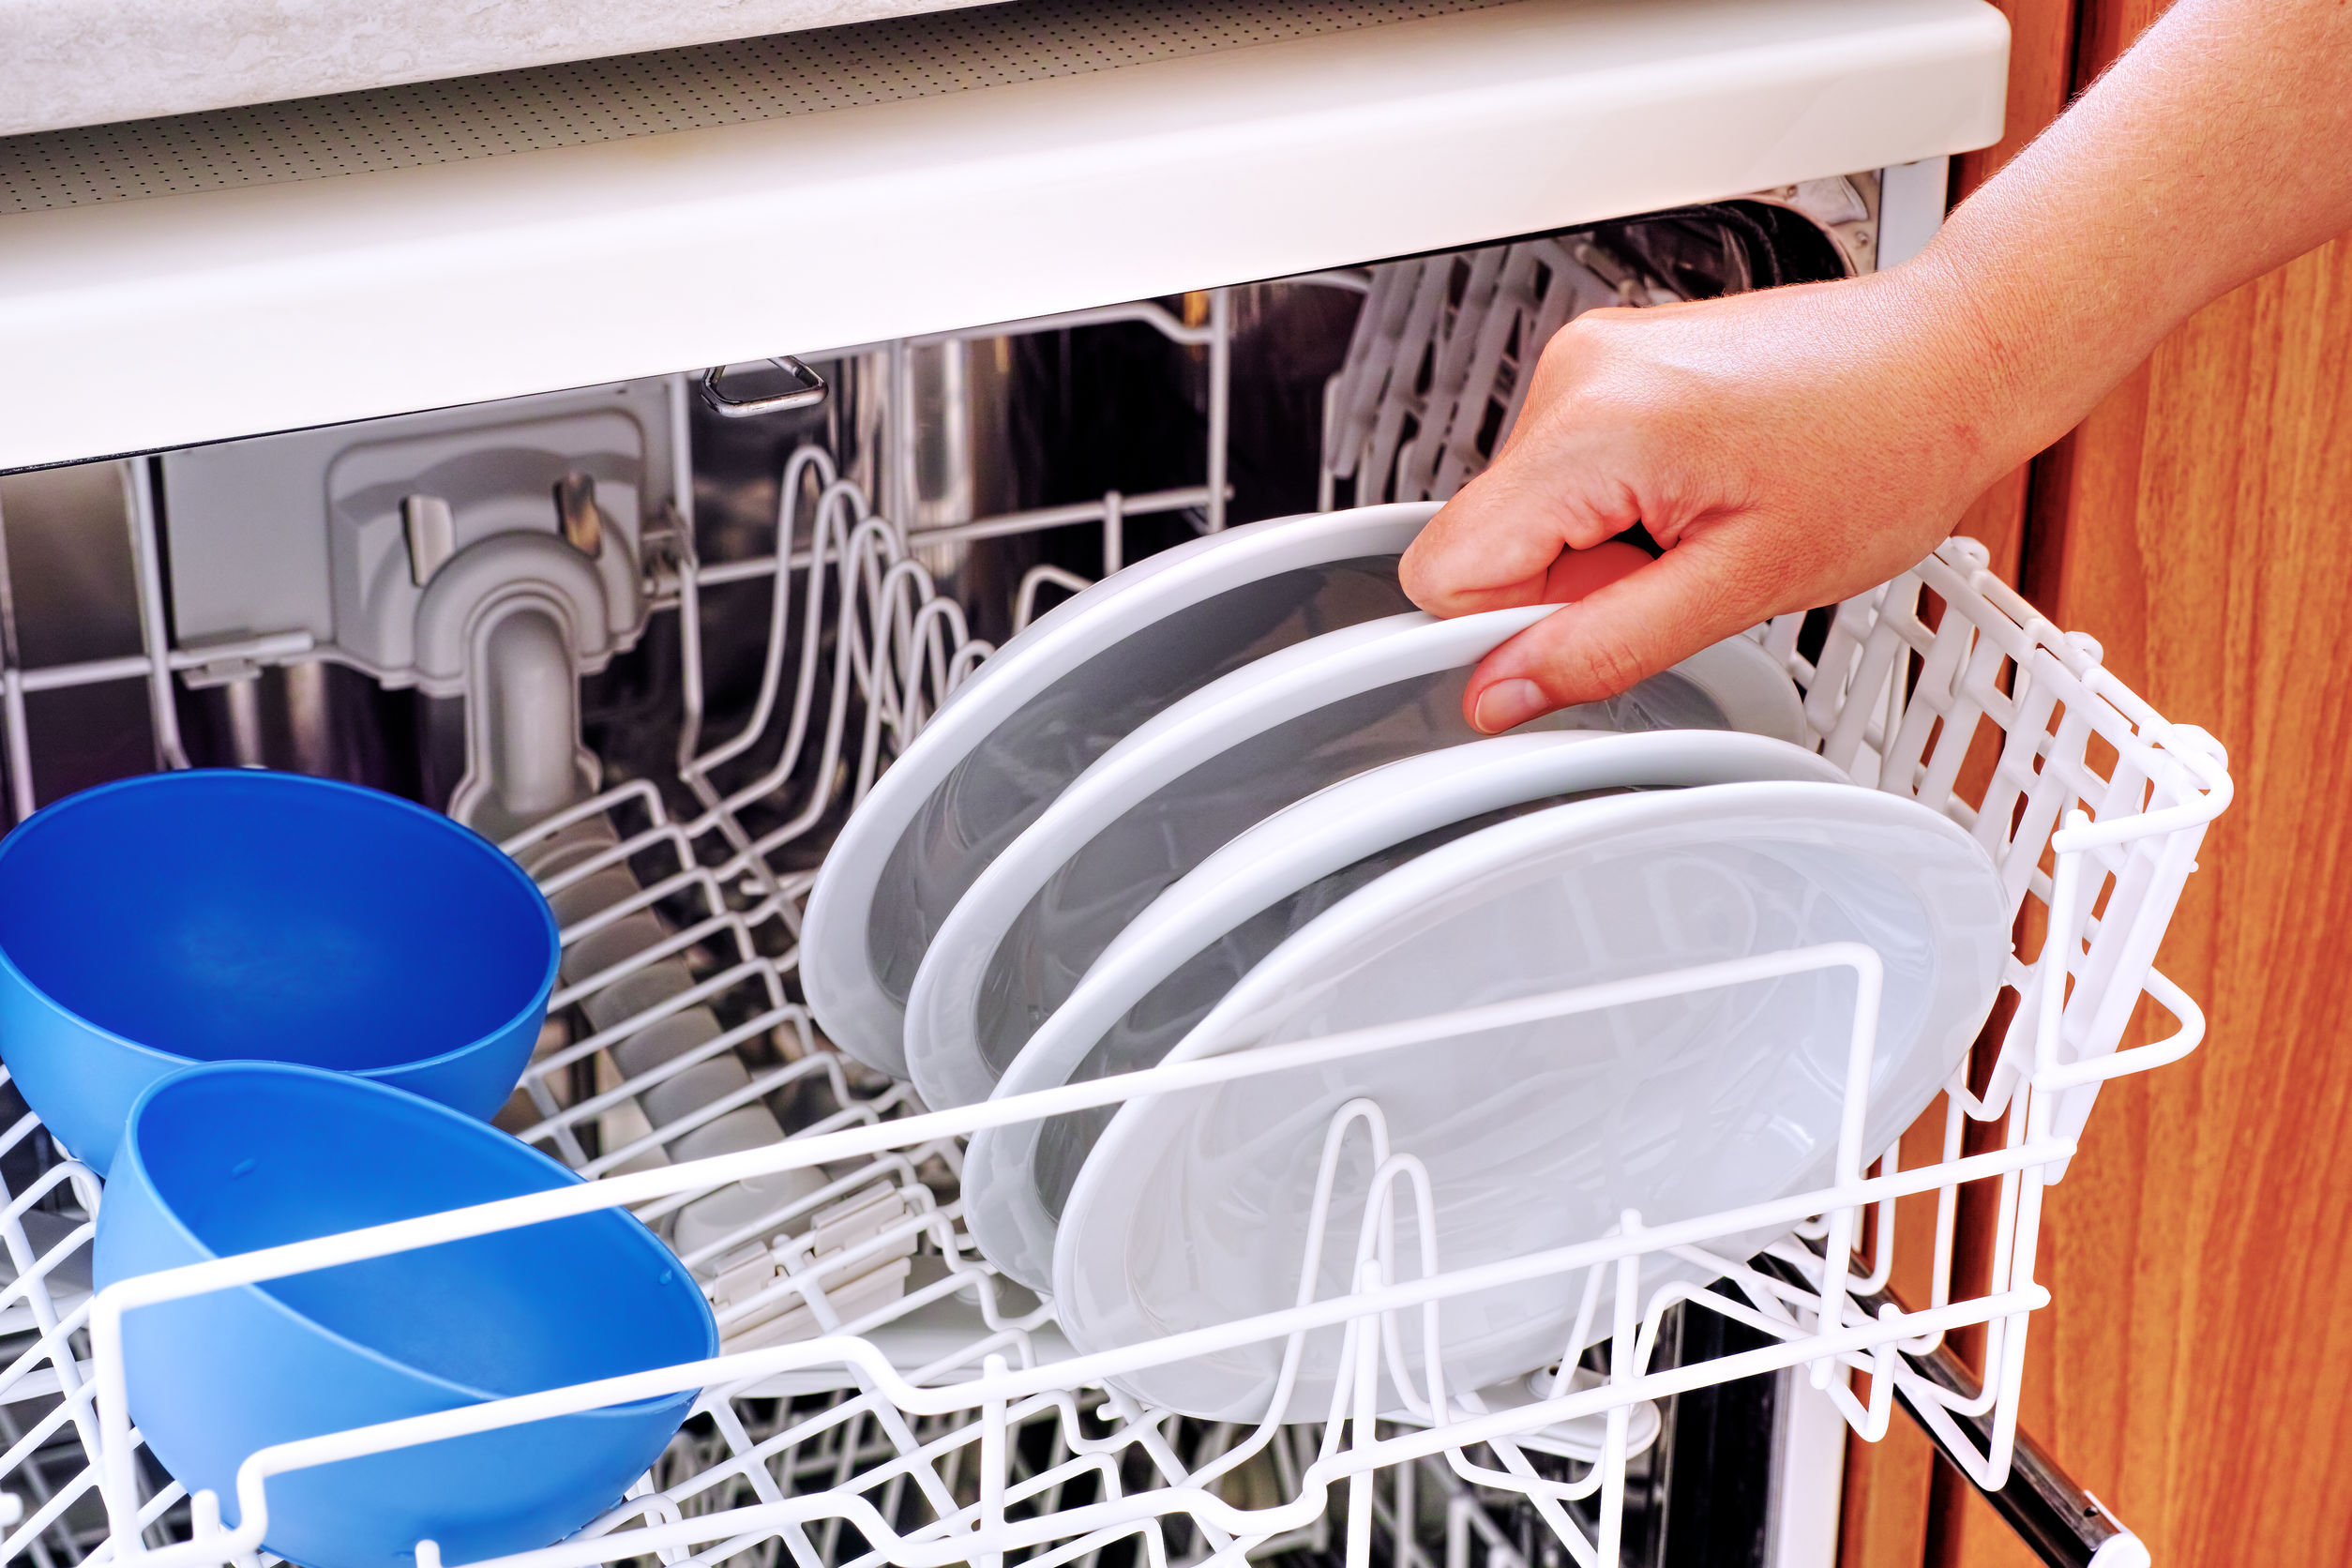 lavando platos 1